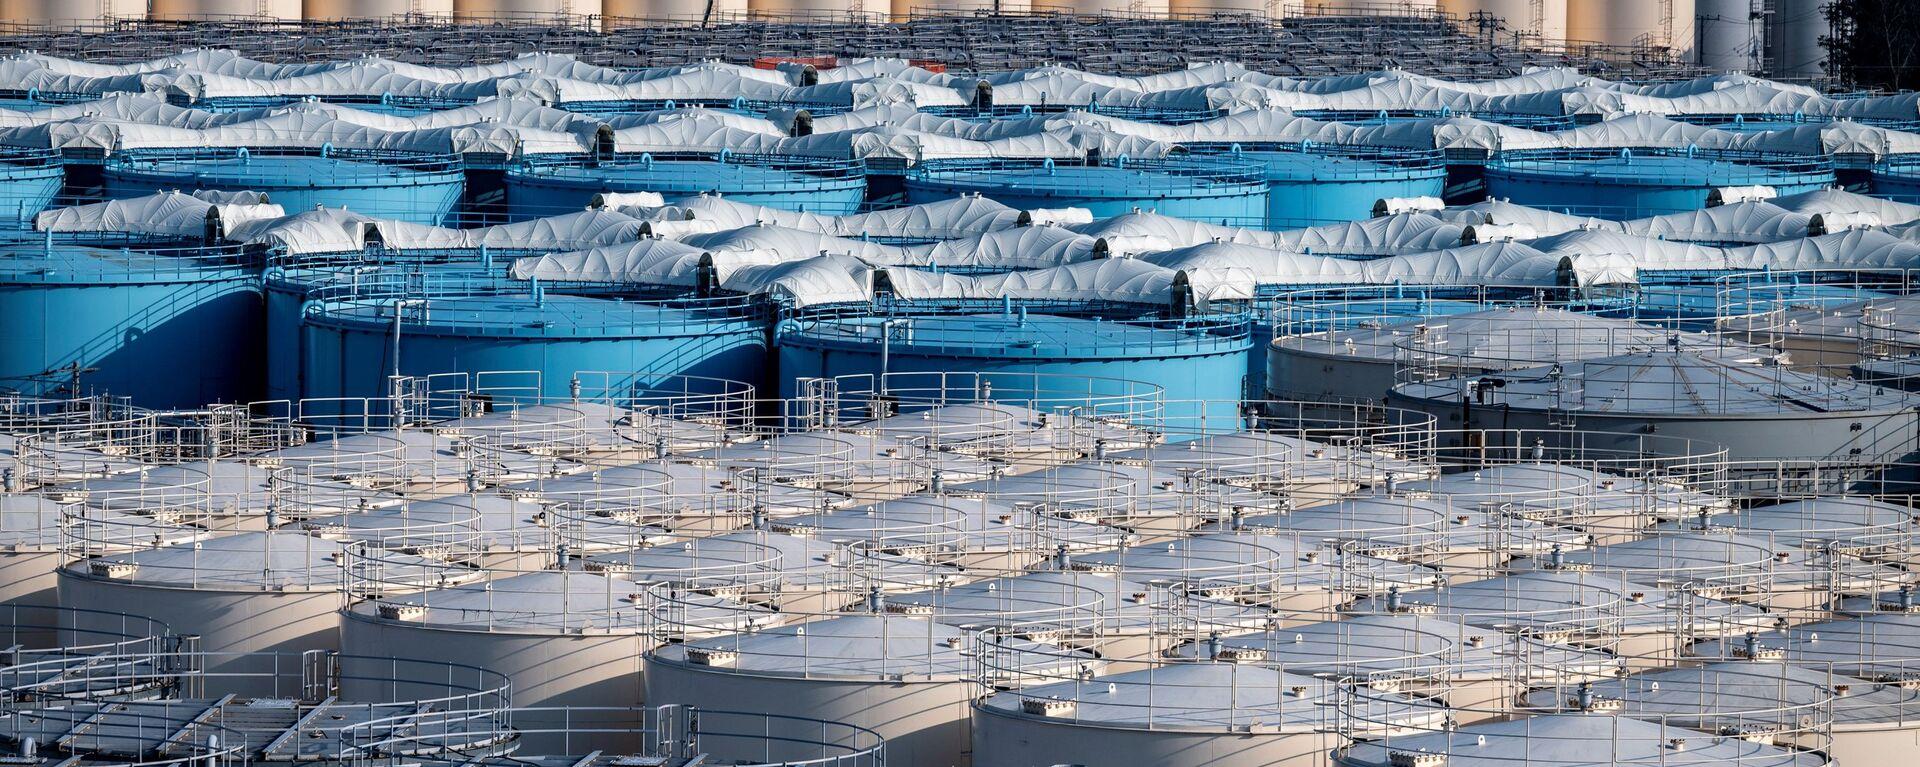 中国外務省 日本の政治家らに福島原発の処理水を飲んで見るよう要請 - Sputnik 日本, 1920, 17.04.2021